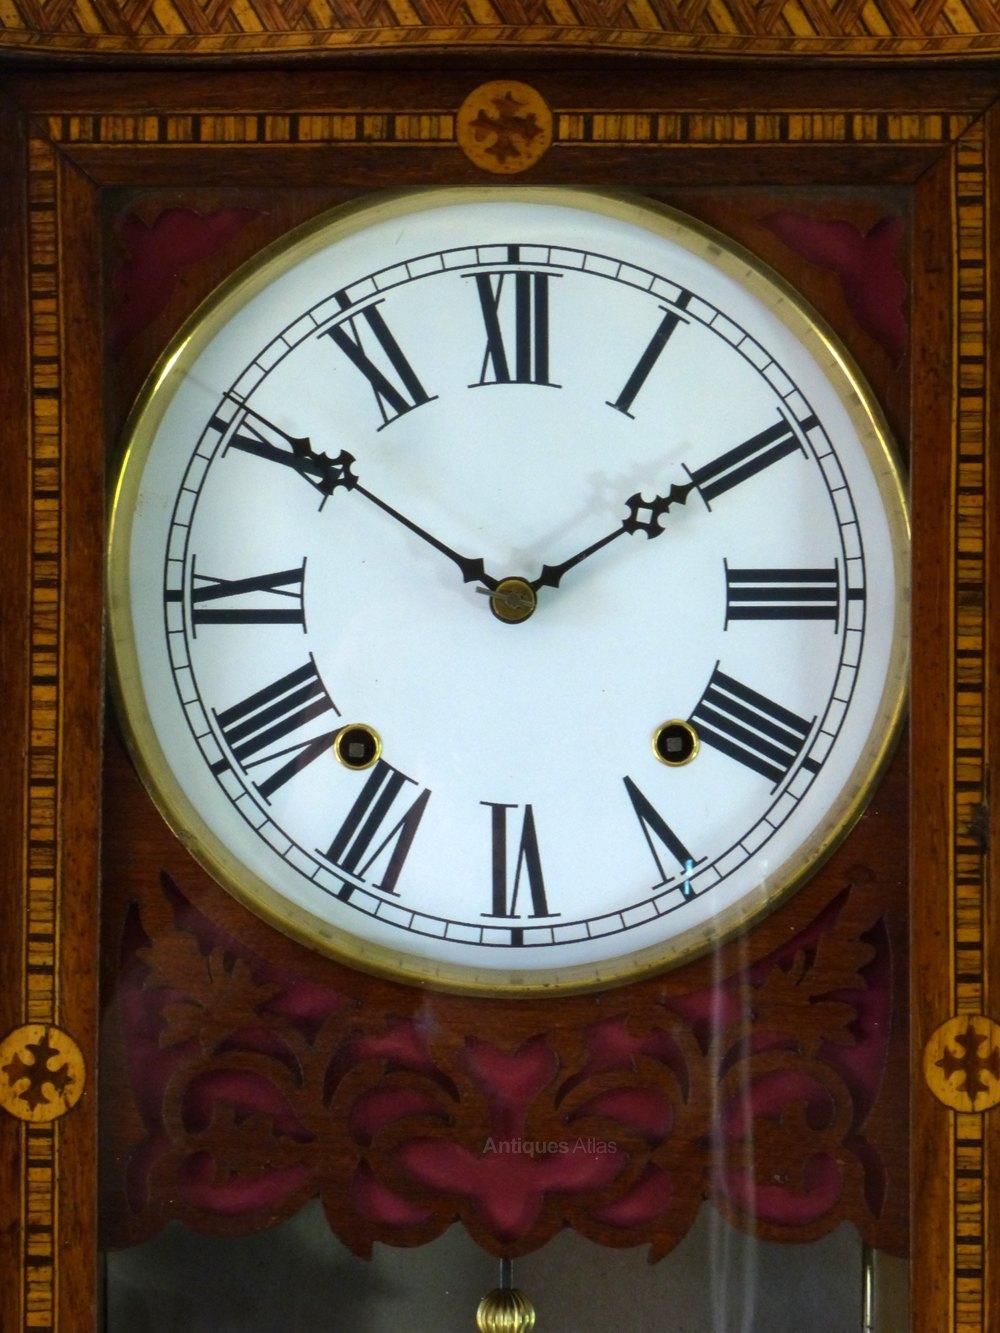 Antiques Atlas - Superb Antique Inlaid Walnut Drop Dial Wall Clock